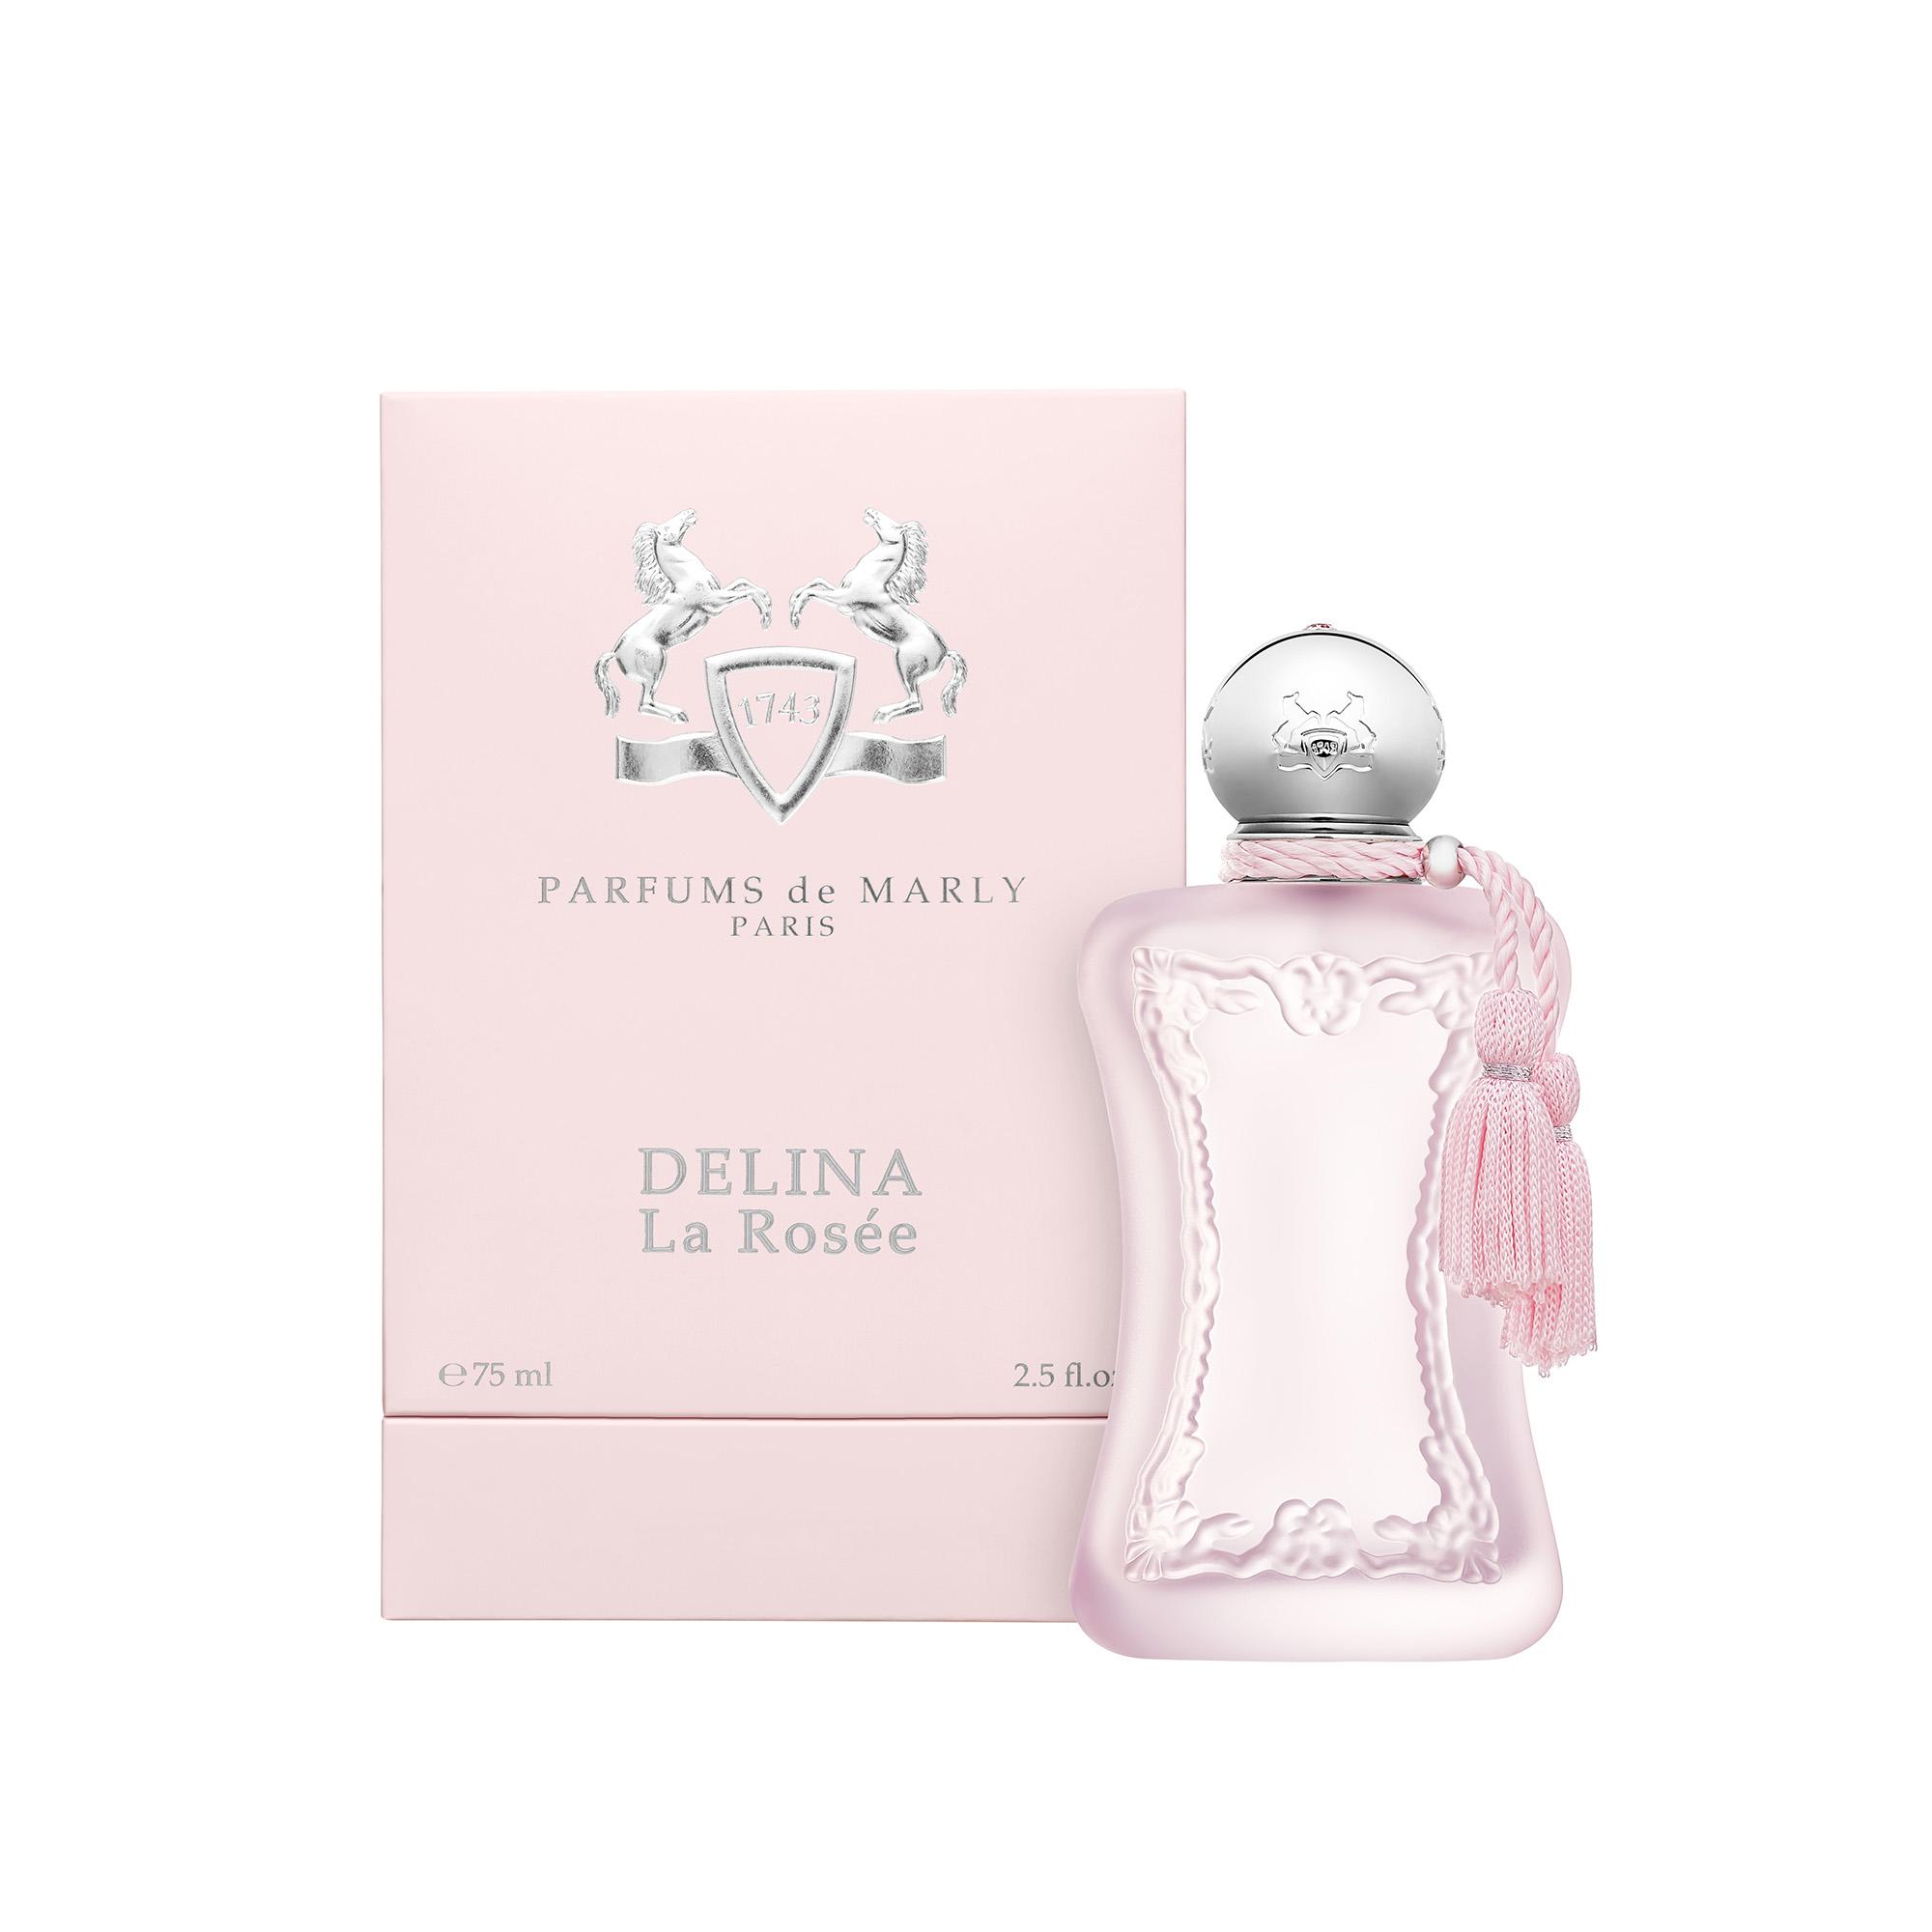 Parfums de Marly Delina La Rosé, 75 ml